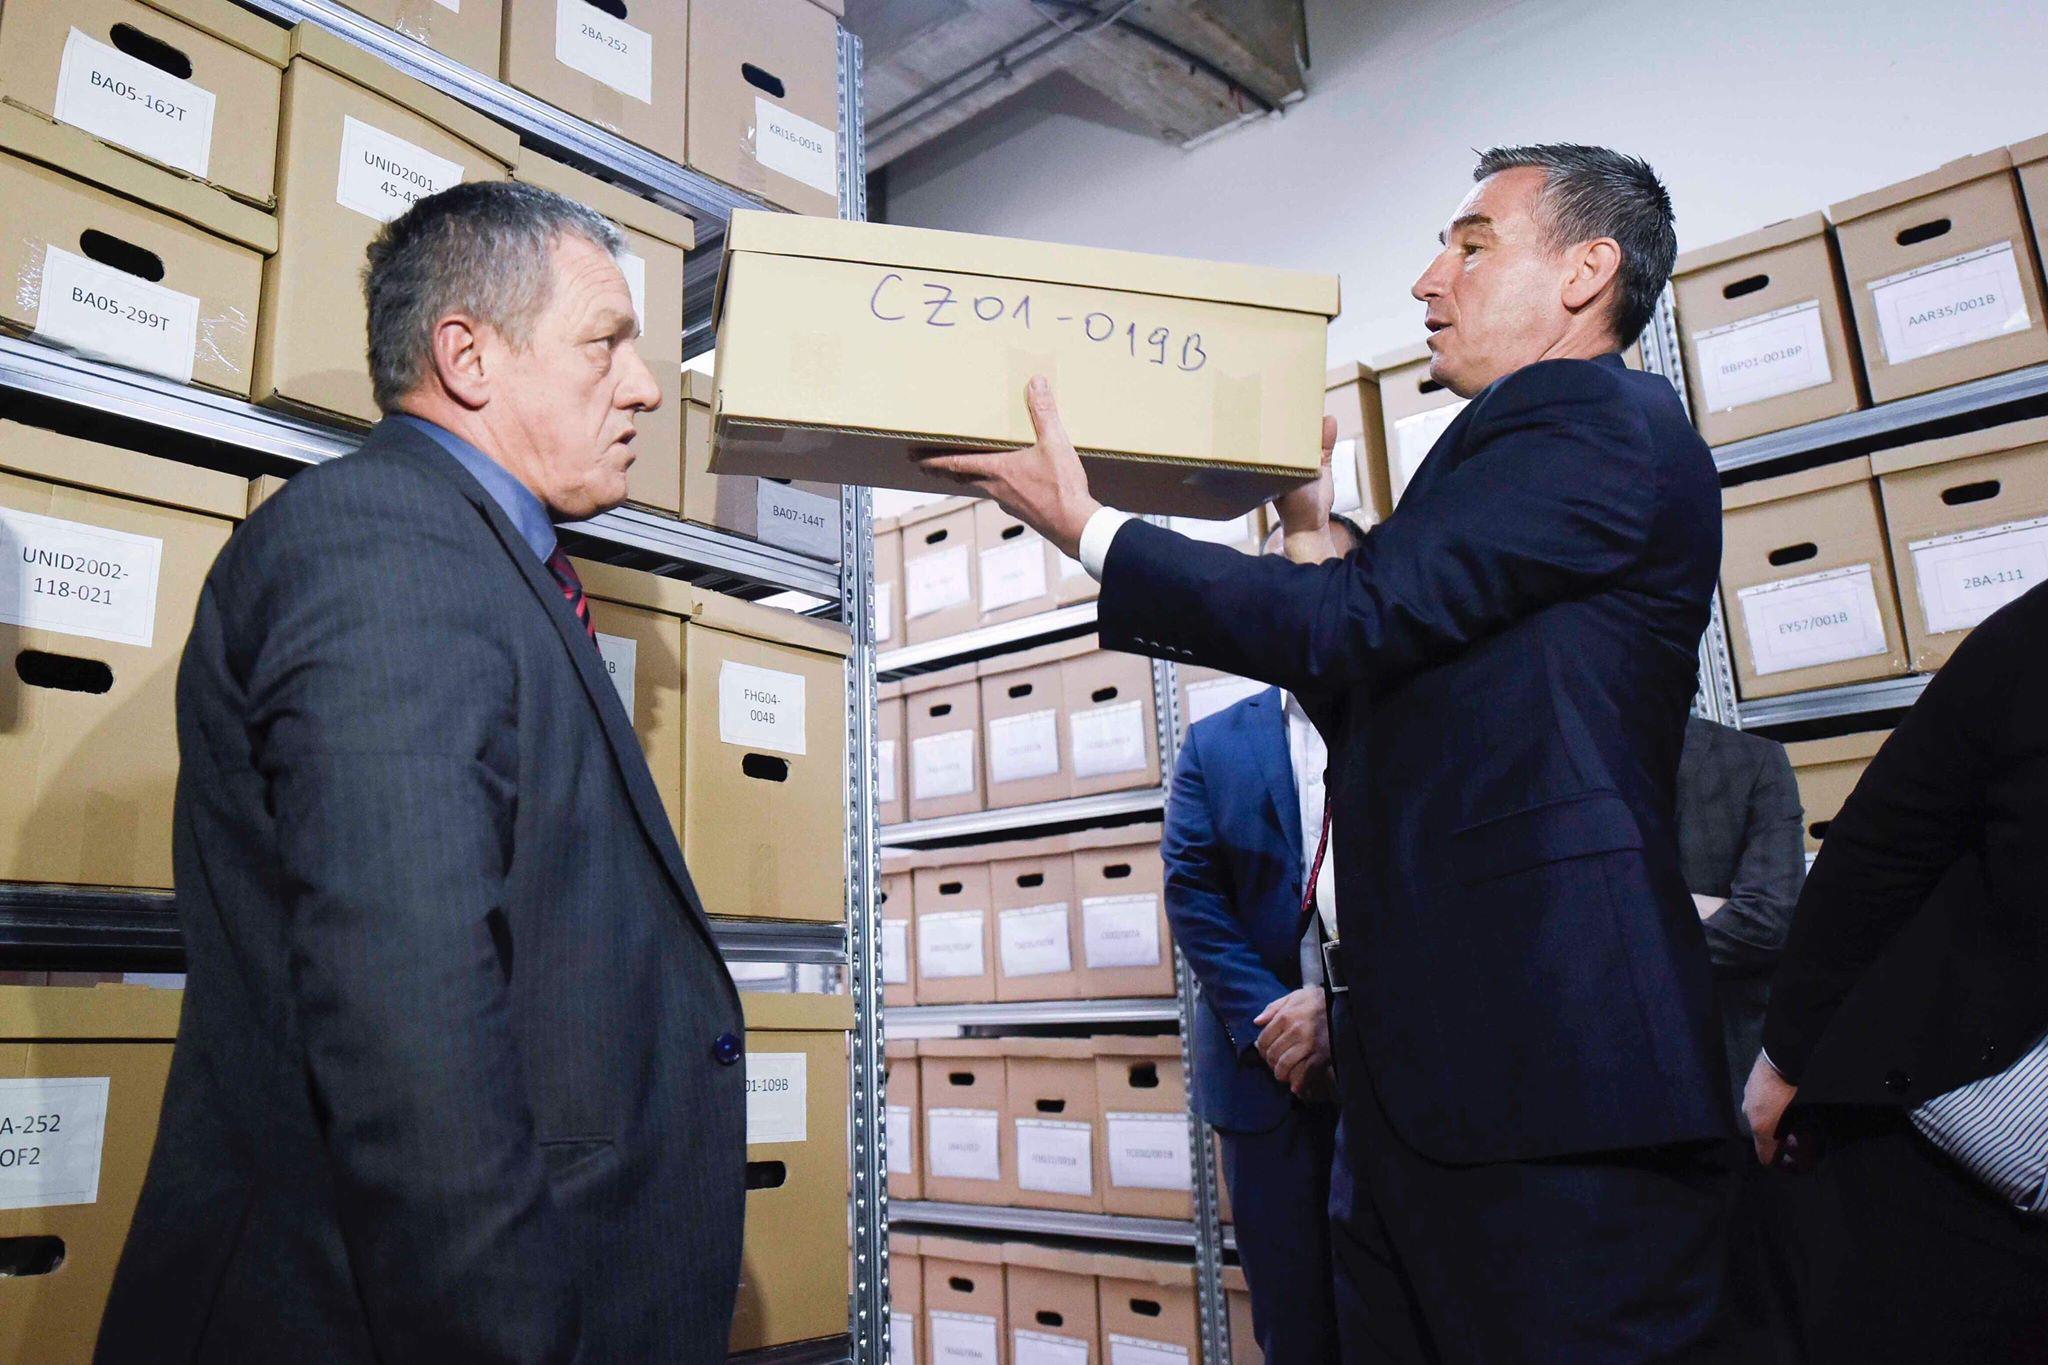 Srpski kriminalci moraju biti kažnjeni, kaže predsjednik kosovskog parlamenta